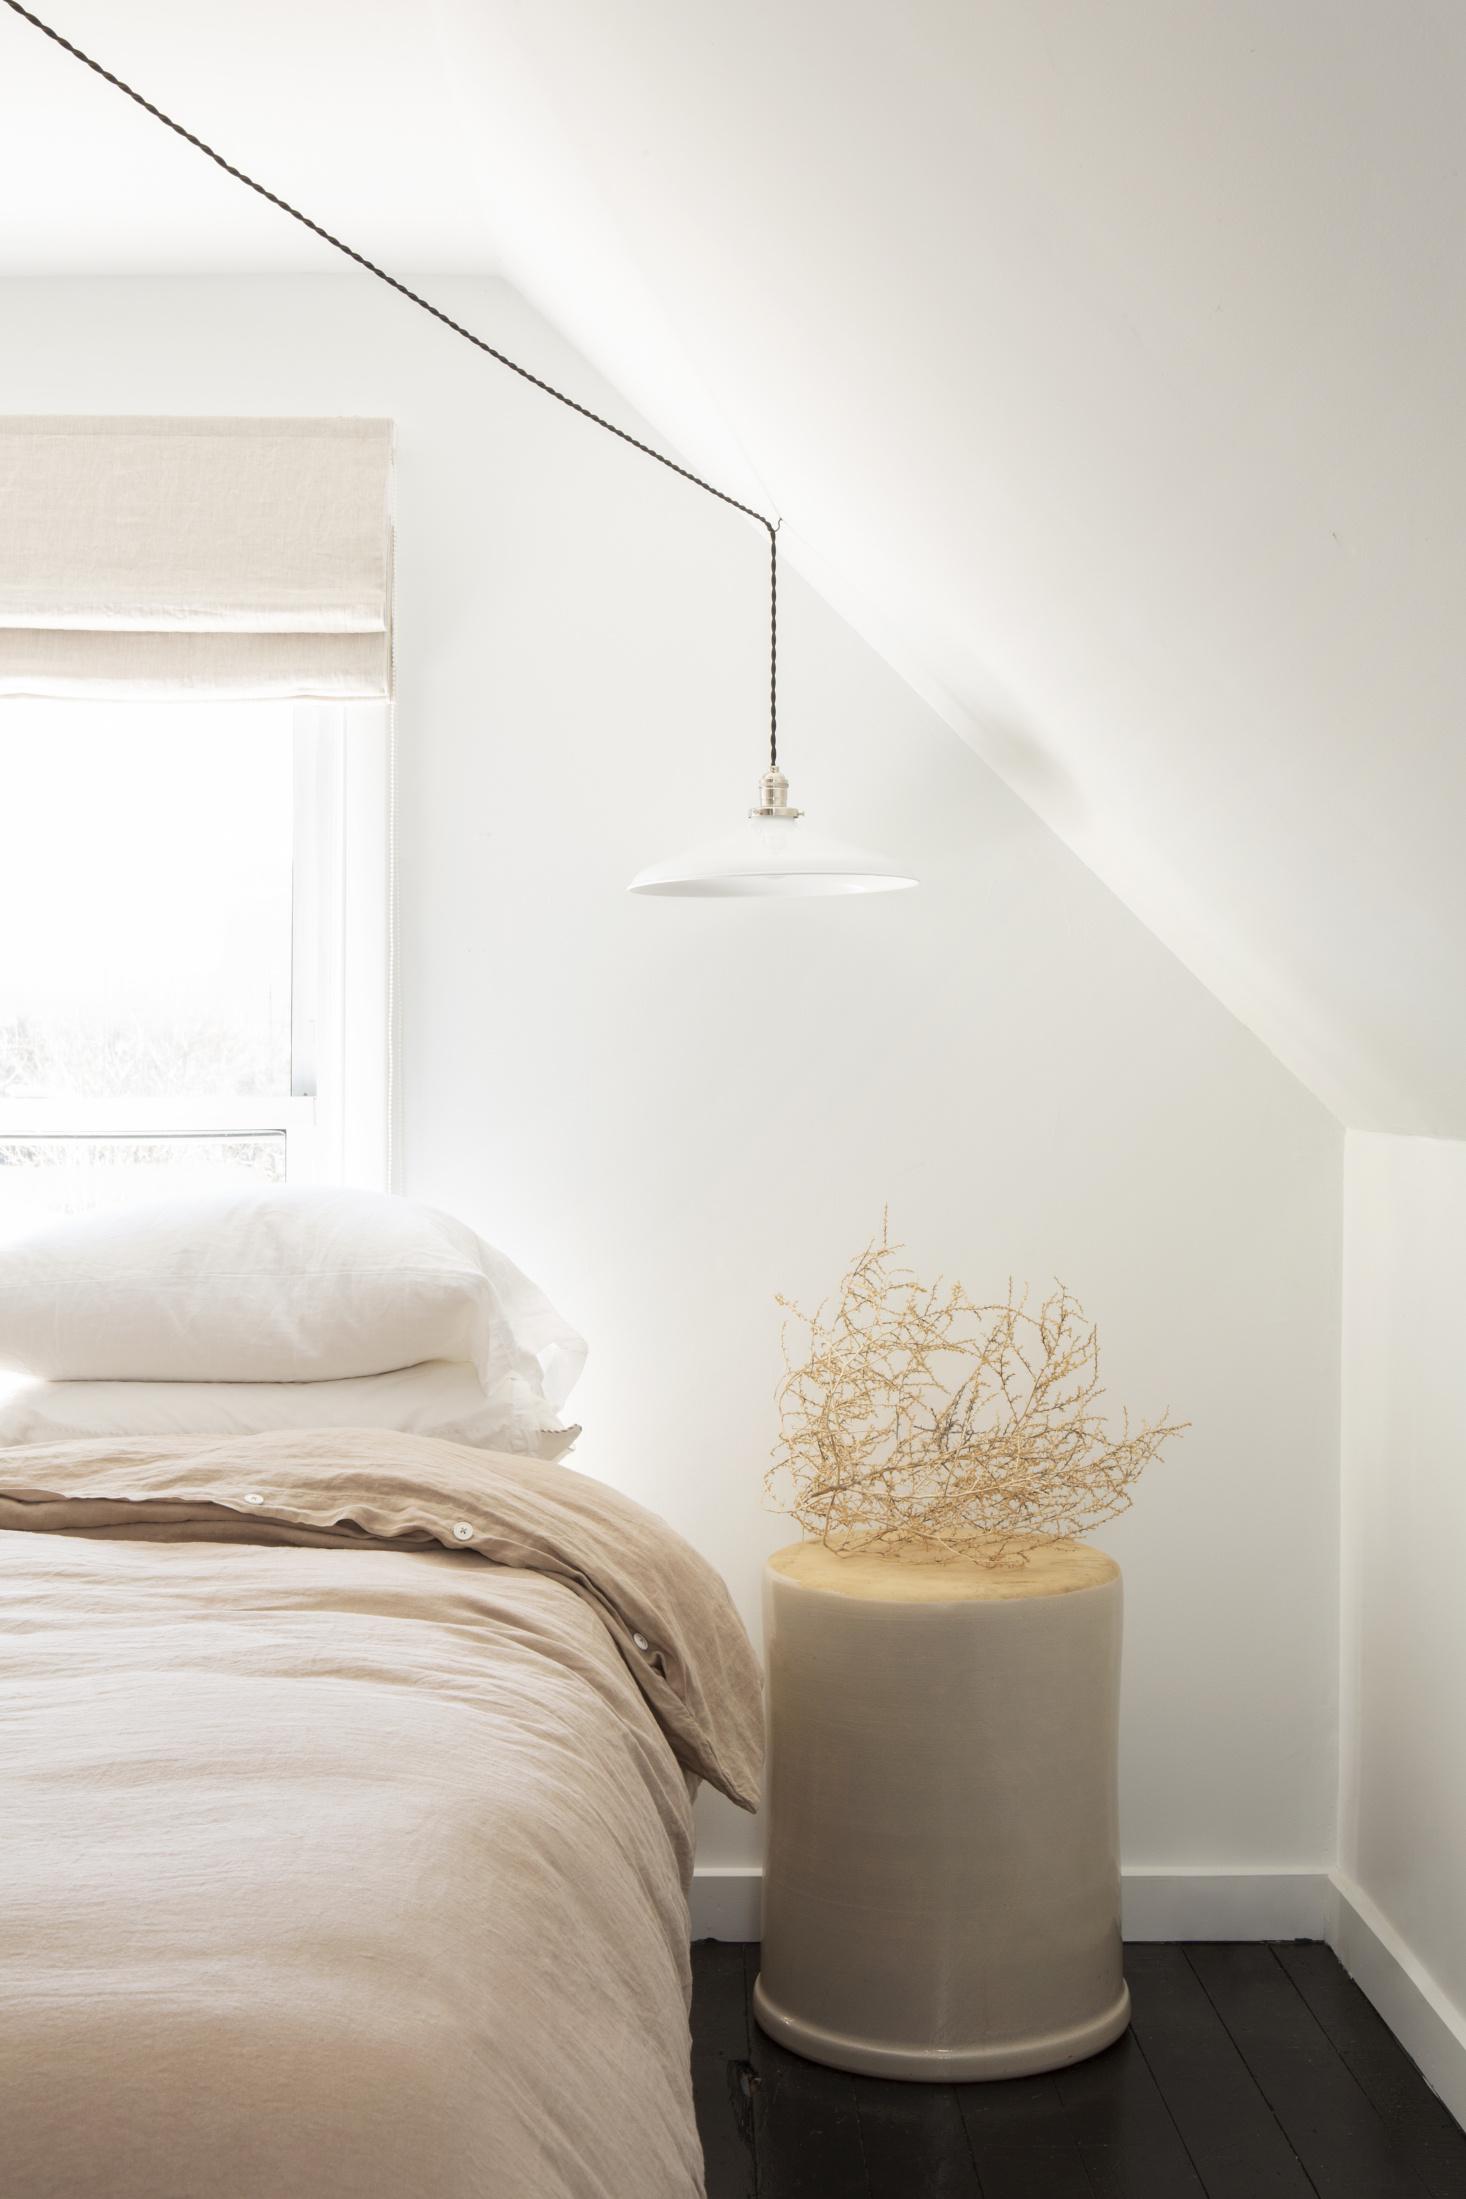 lisa-przystup-attic-bedside-table-2-sarah-elliott-1466x2199.jpg